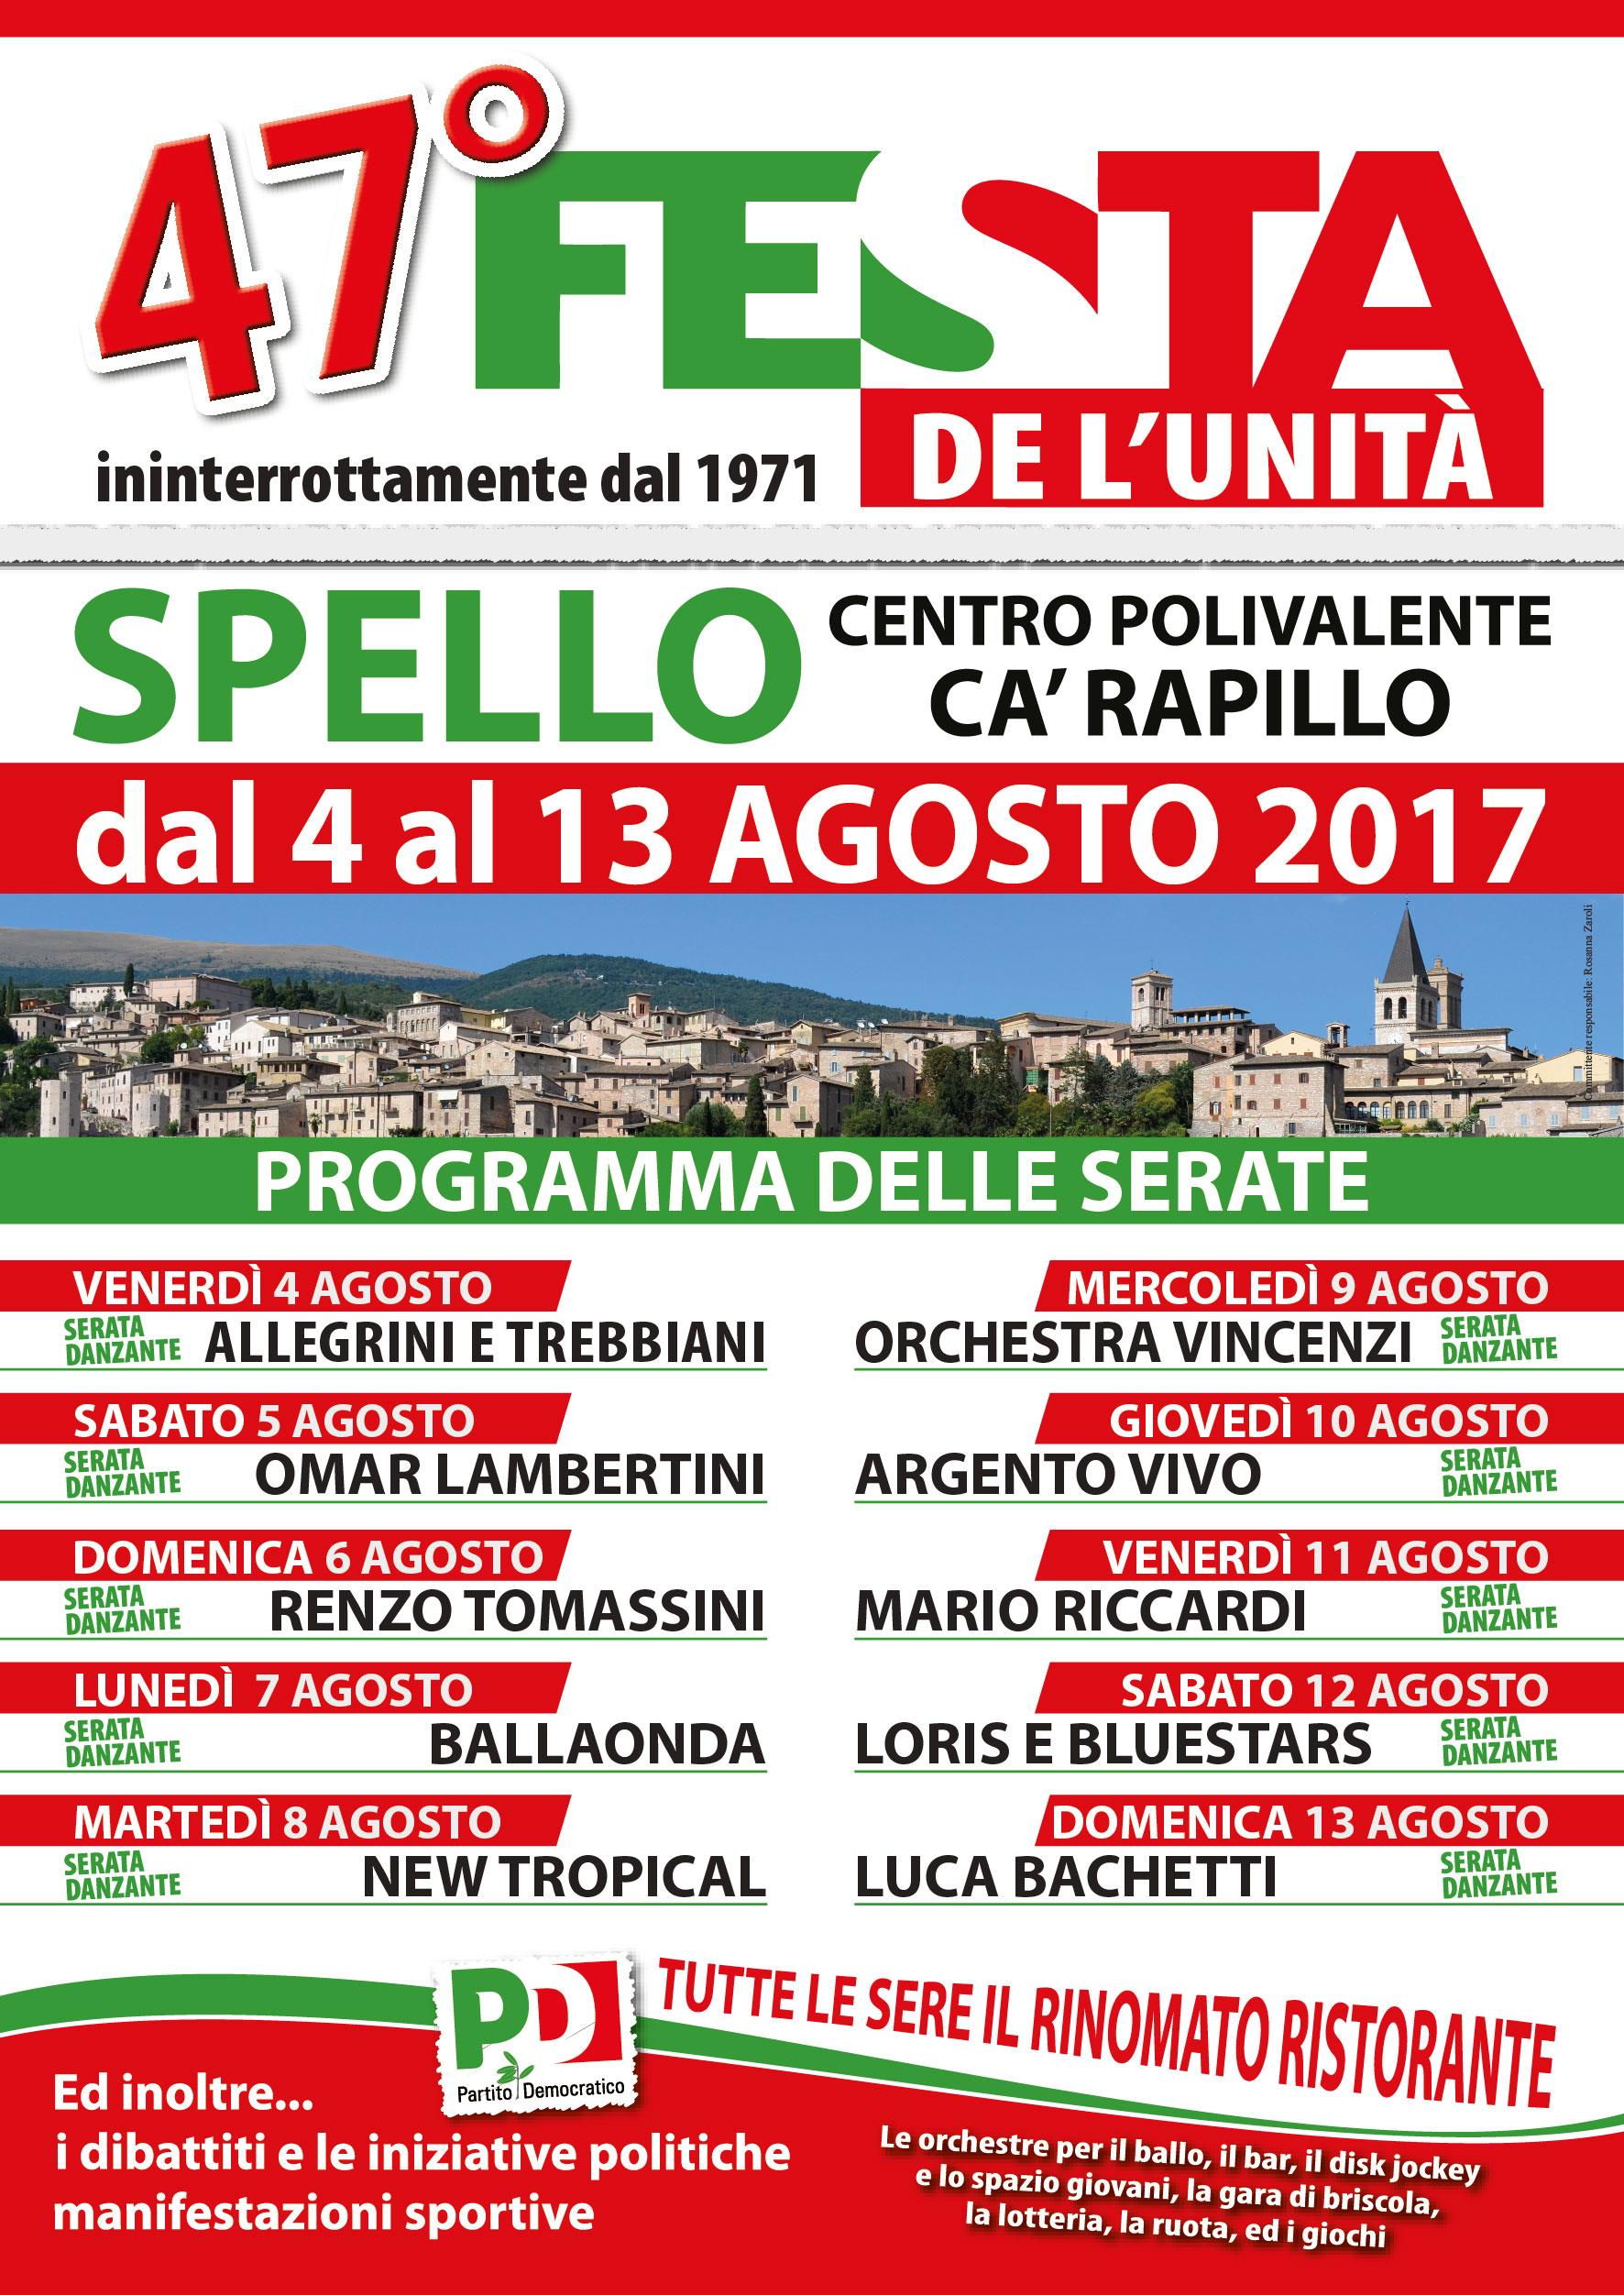 volantino A5 festa democratica 2017-01